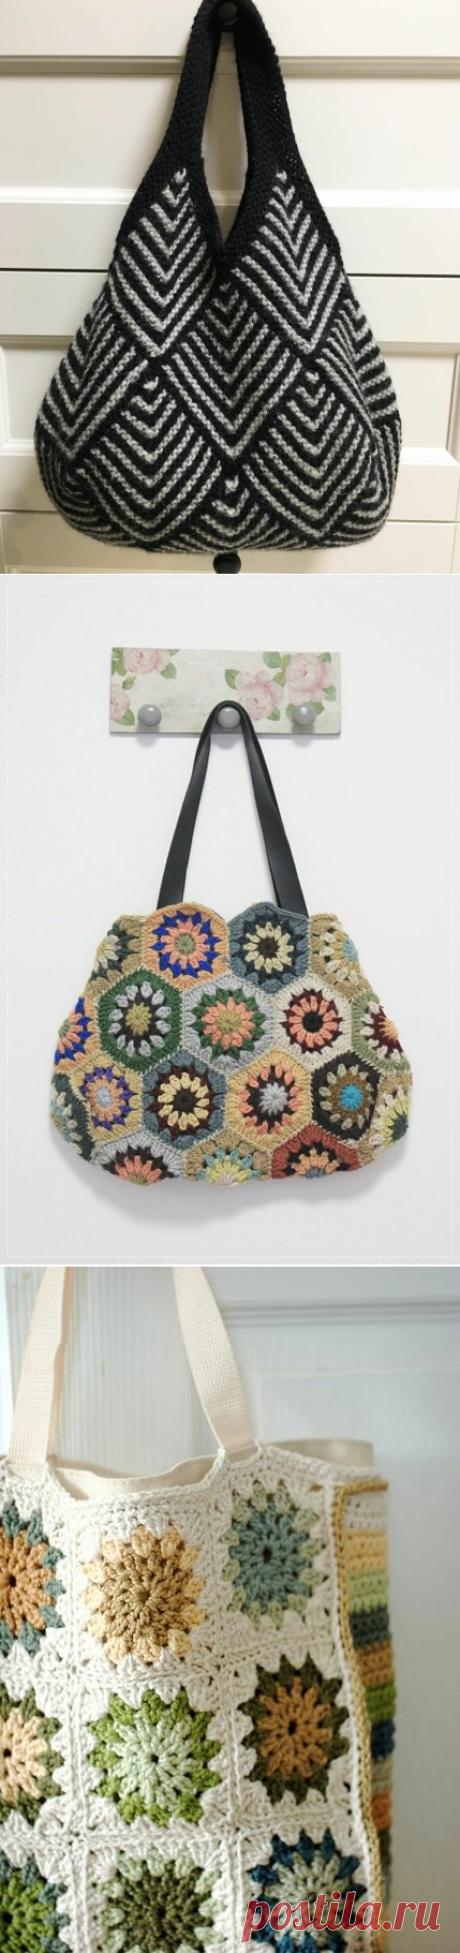 Летняя подборка стильного вязания из бабушкиного квадрата + схемы. Часть 1 - Сумки   TurtleKnitt   Яндекс Дзен